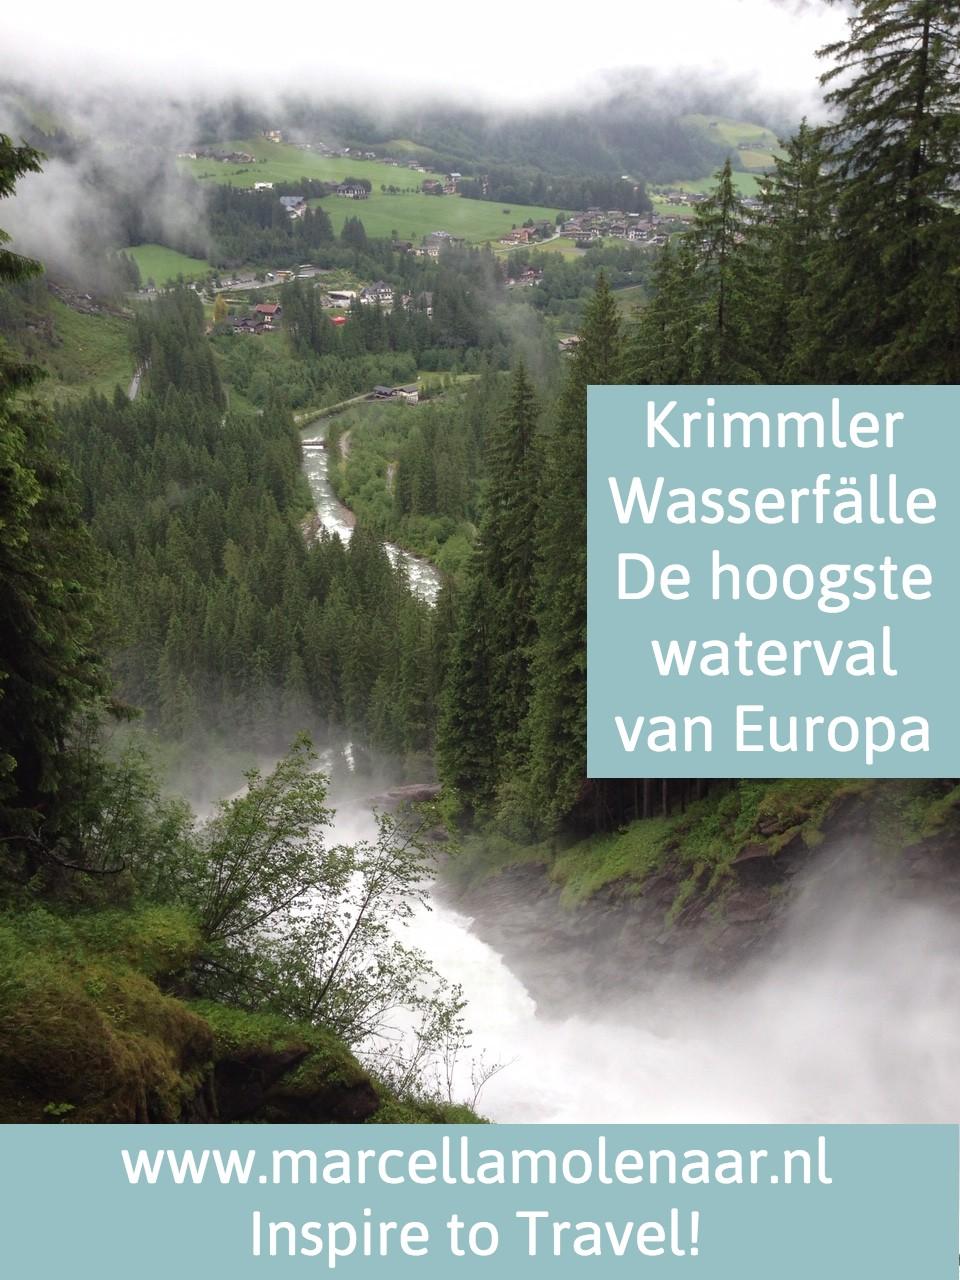 Krimmler Wasserfalle Austria